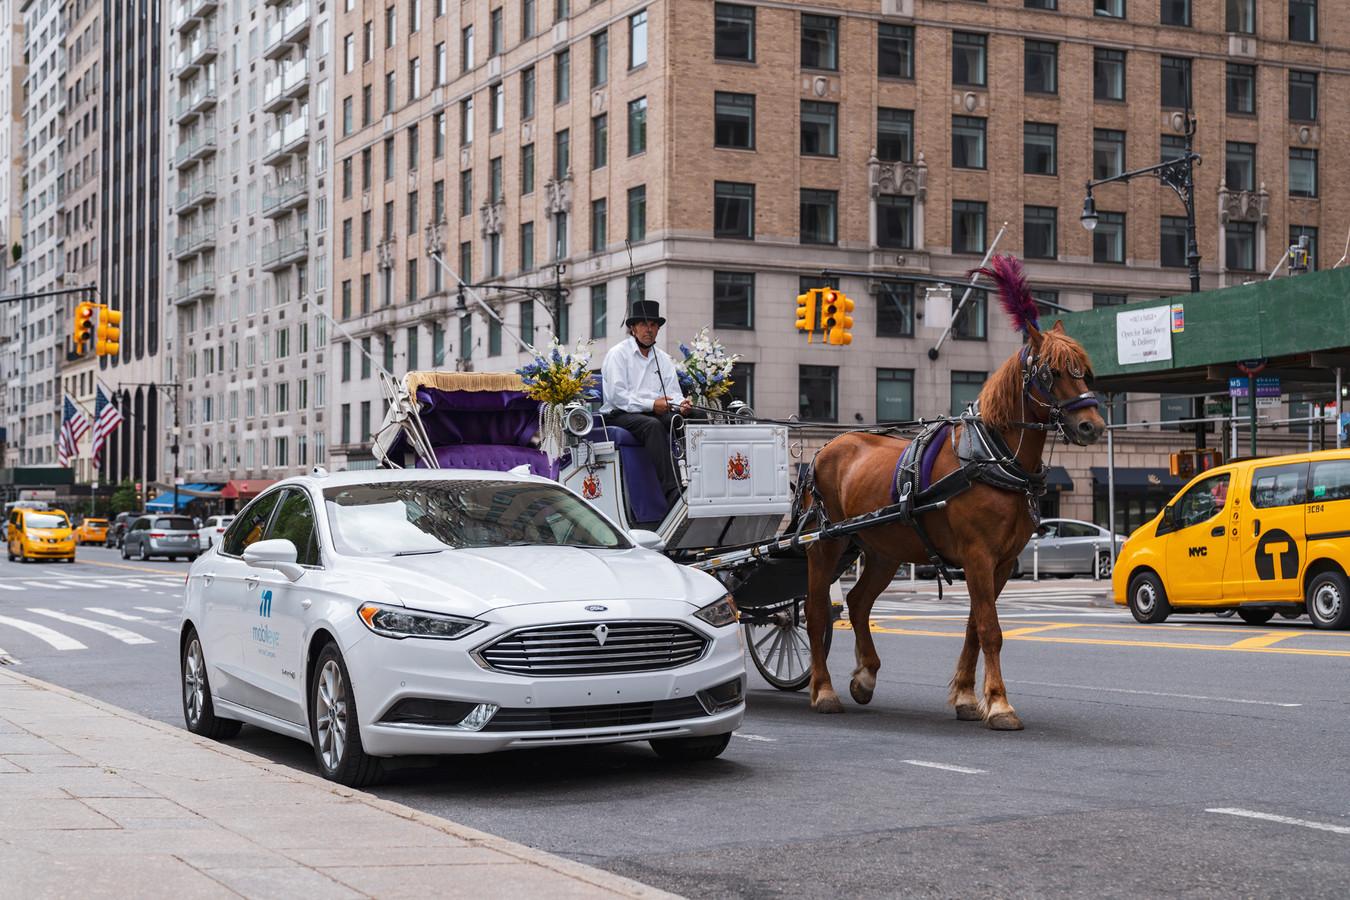 Paardentrams, taxi's, voetgangers en ongeduldige automobilisten: New York is een uitdagende plek voor een zelfrijdende auto.